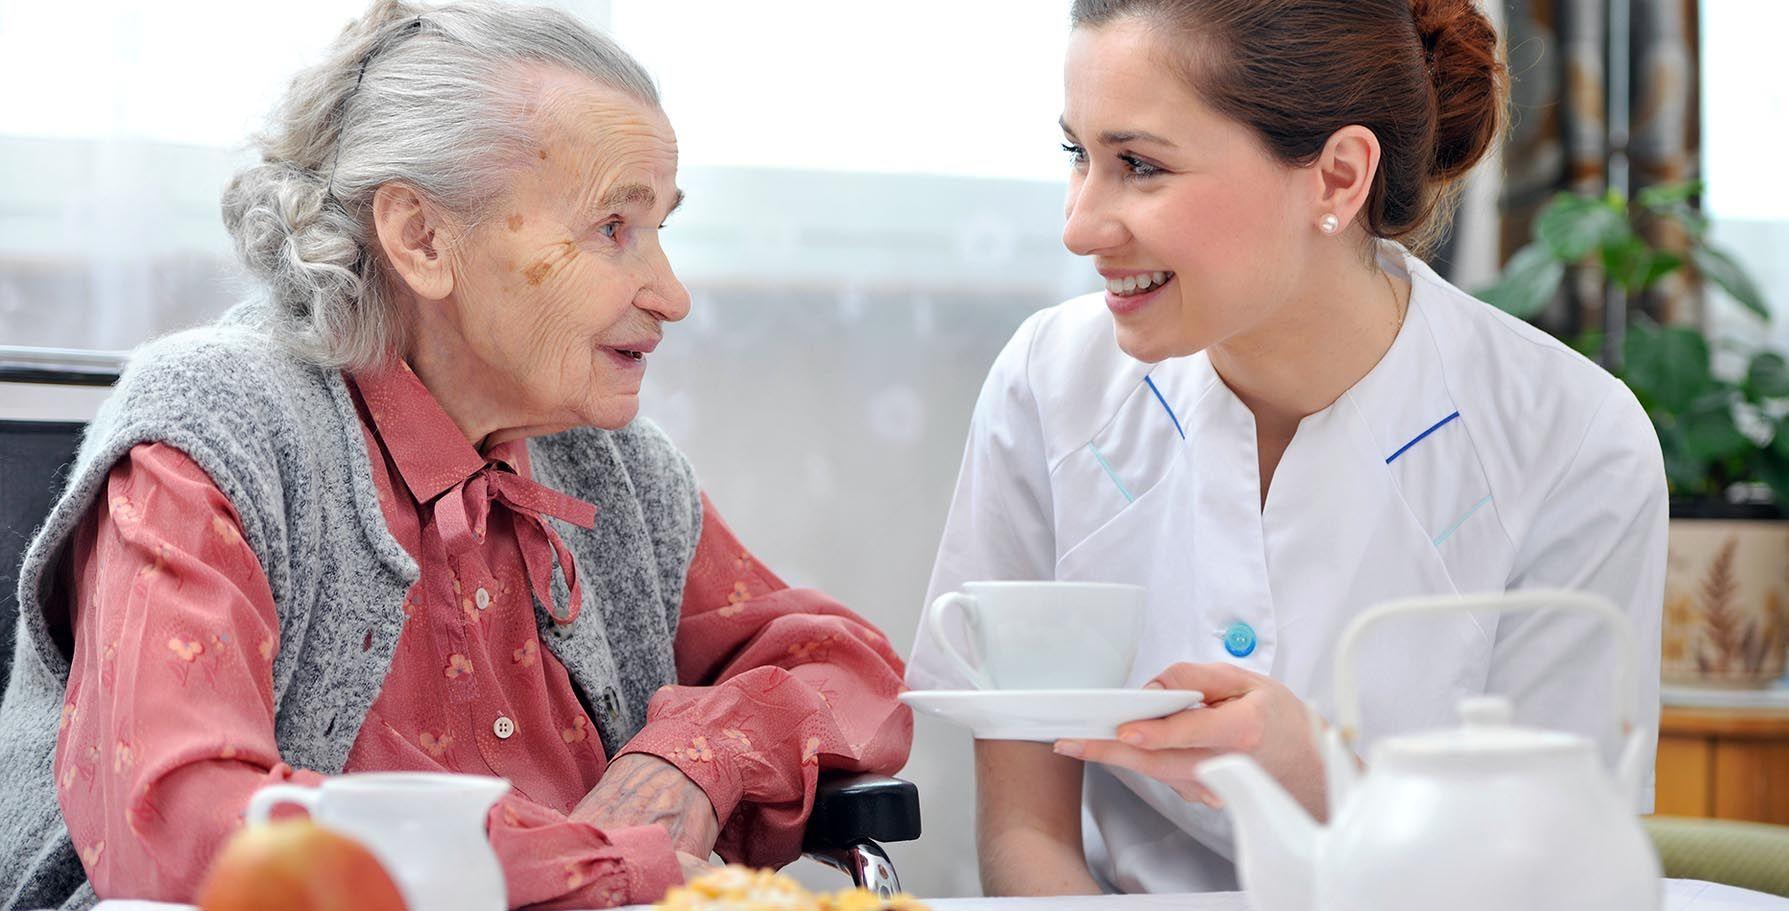 Caregivers Culver City - Senior Home Health Caregiver Agency 24 Hour Live  In Care